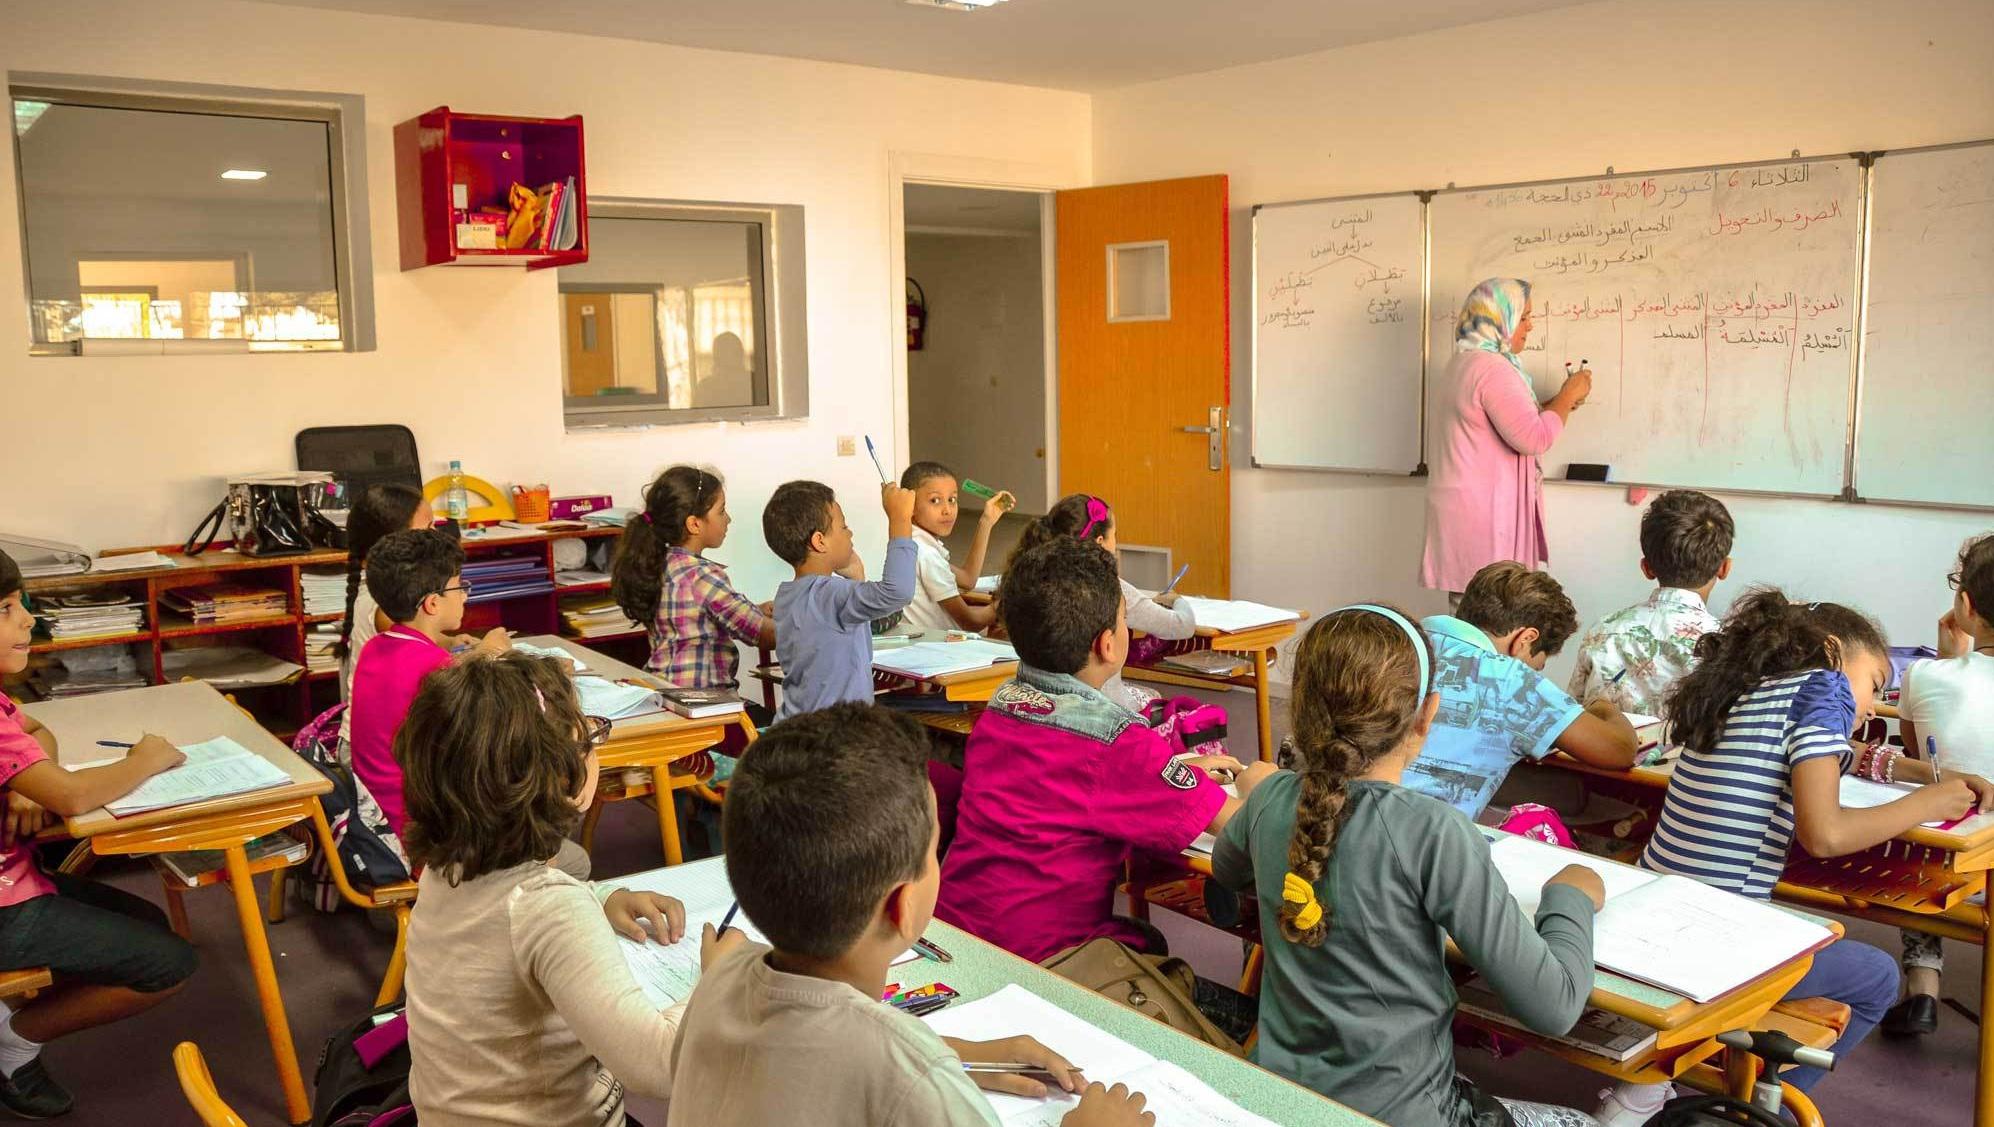 للحد من كورونا.. أكاديمية التعليم بجهة الدارالبيضاء تشدد الاجراءات بالمدارس